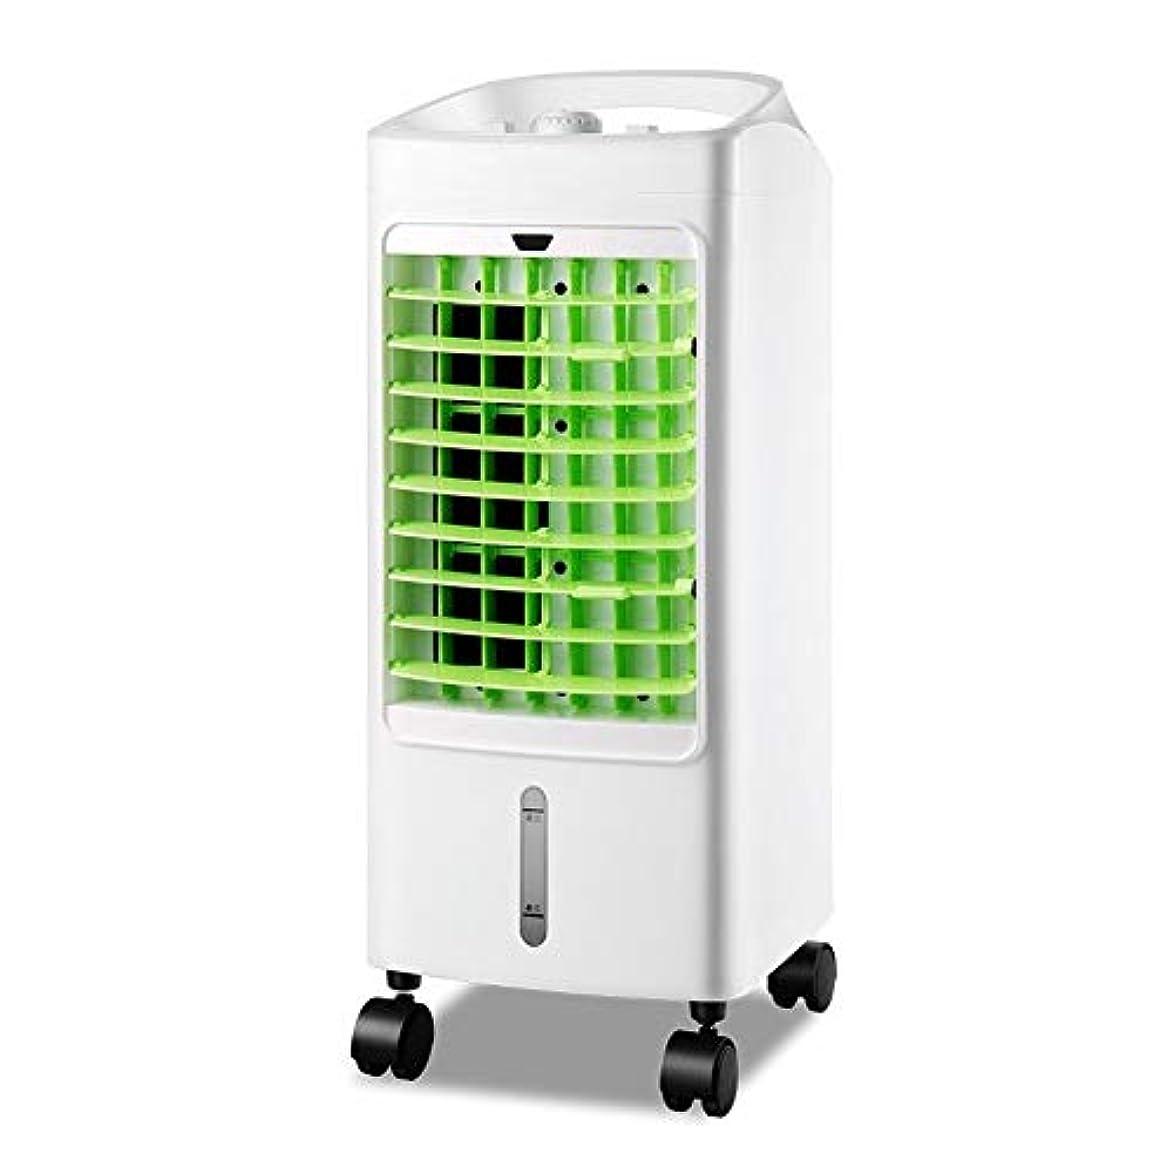 疑わしい同種の騙すLPD-冷風機 機械的に制御された単一の冷却された空気クーラーの携帯用蒸発冷却の冷たい空気加湿空気浄化